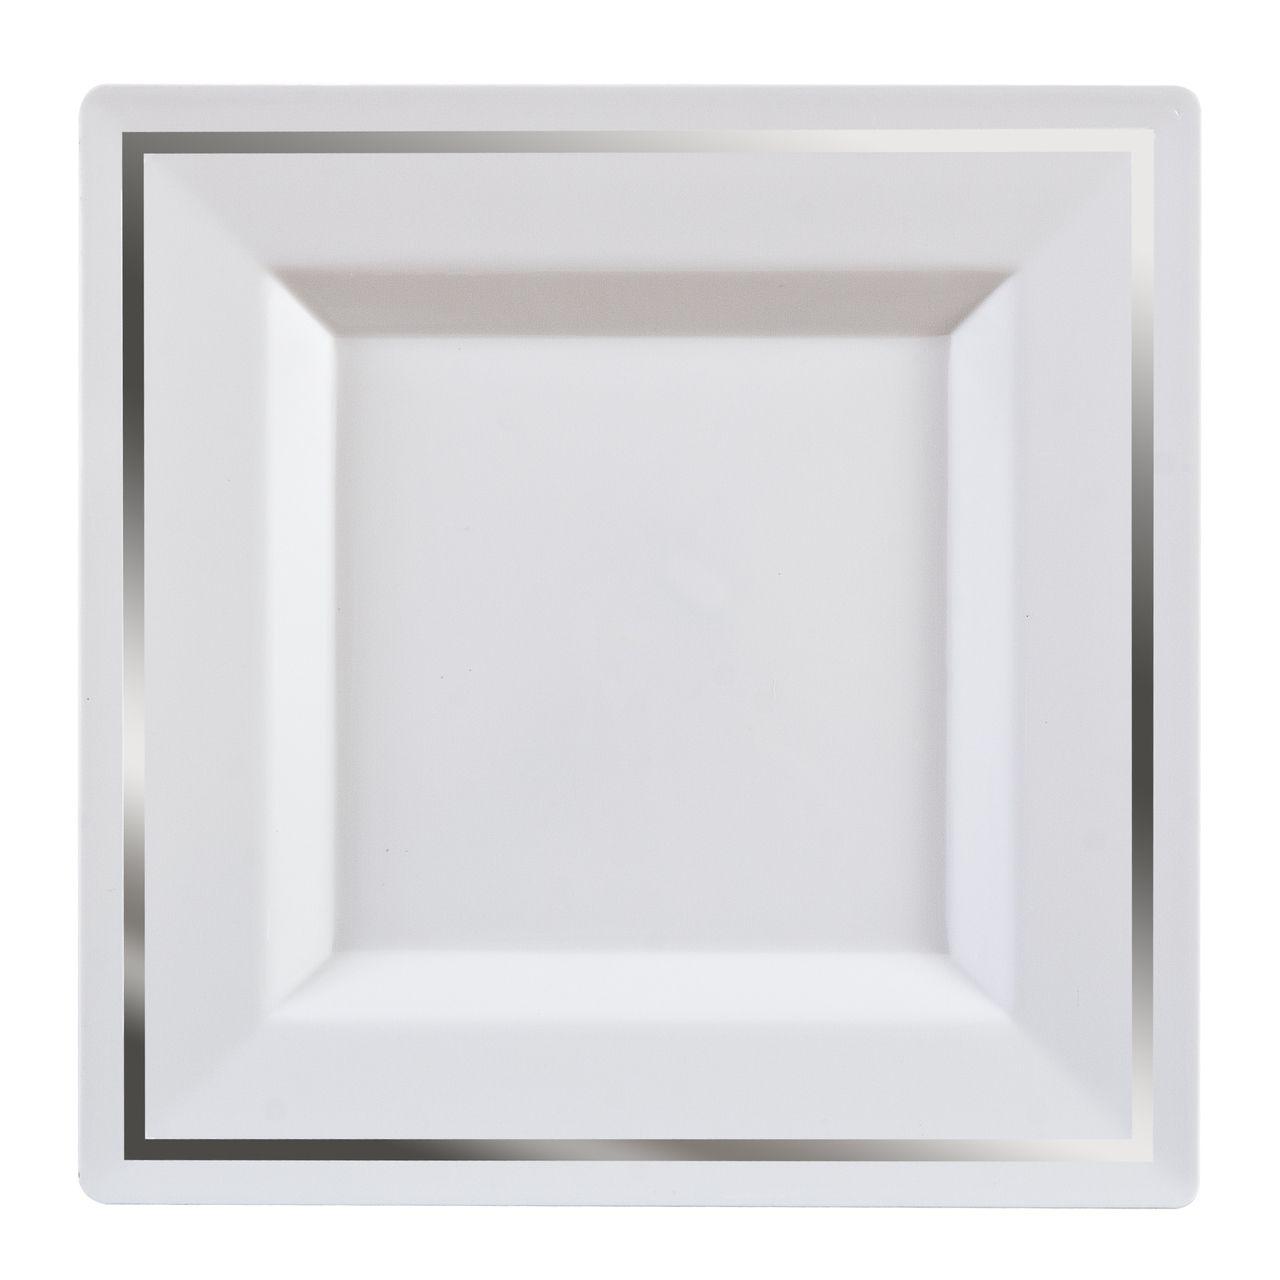 6  Square White/Silver Bari Plastic Dessert Plates  sc 1 st  Pinterest & 6